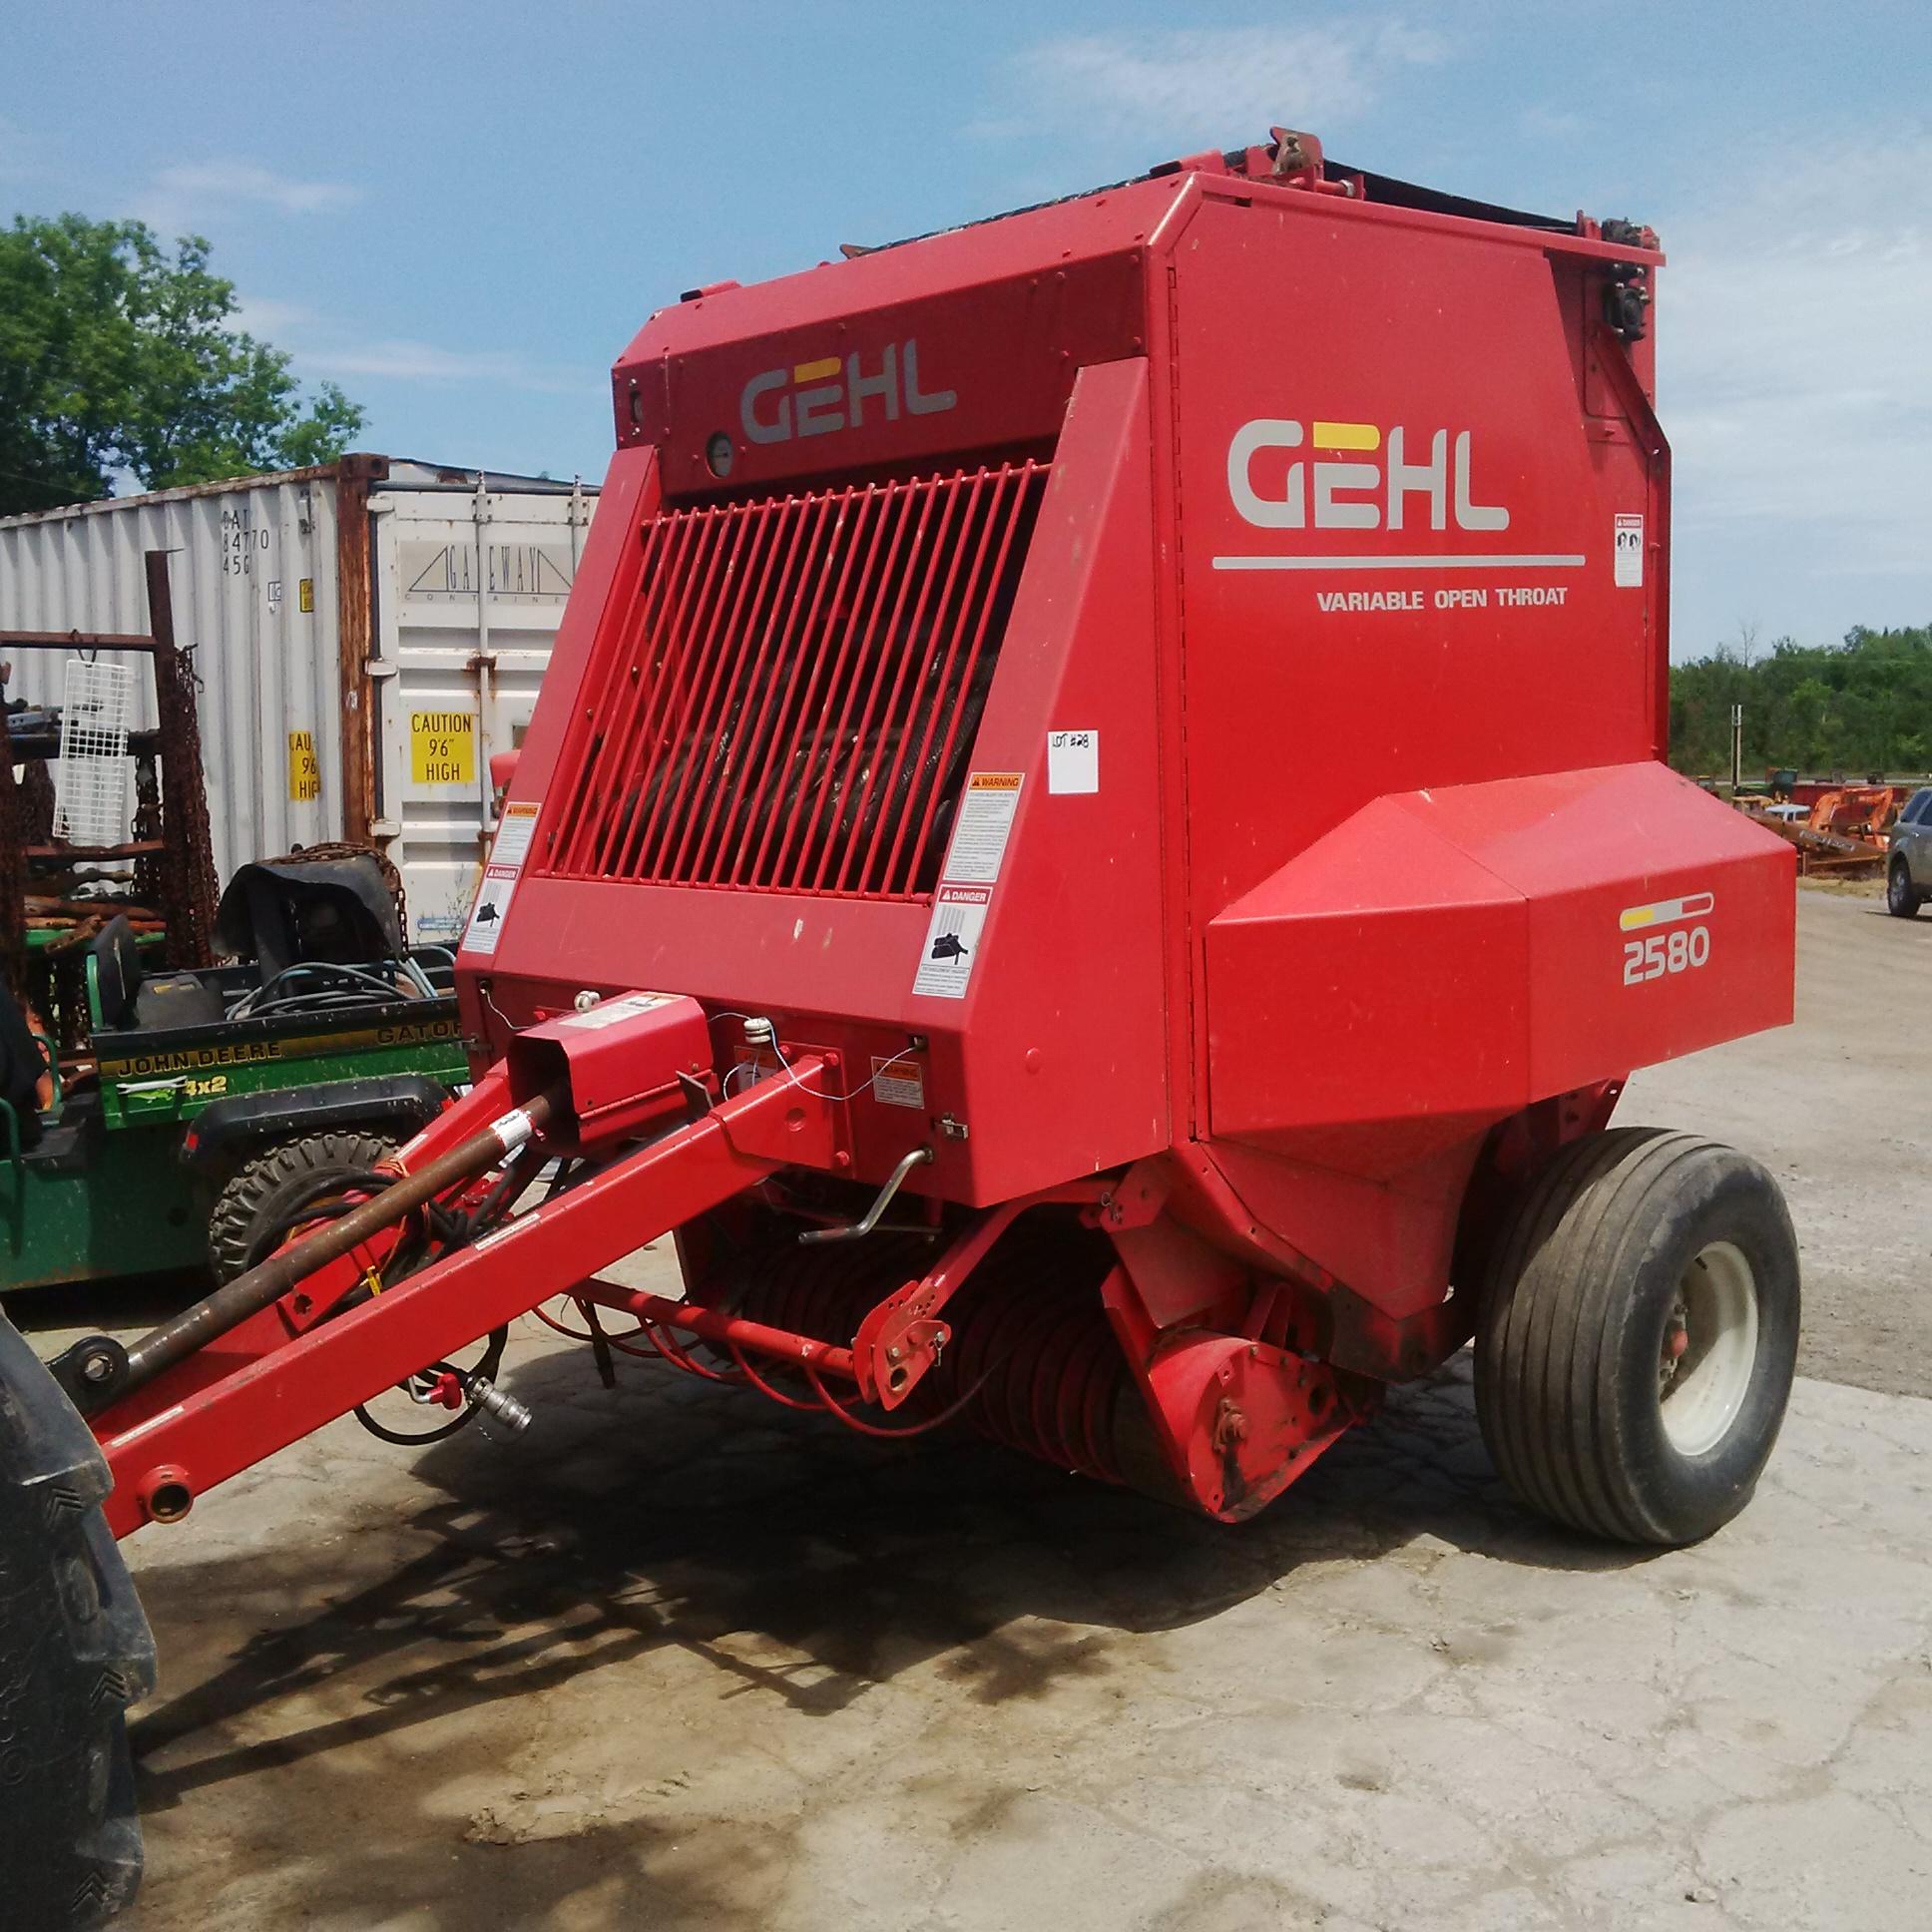 GEHL2580